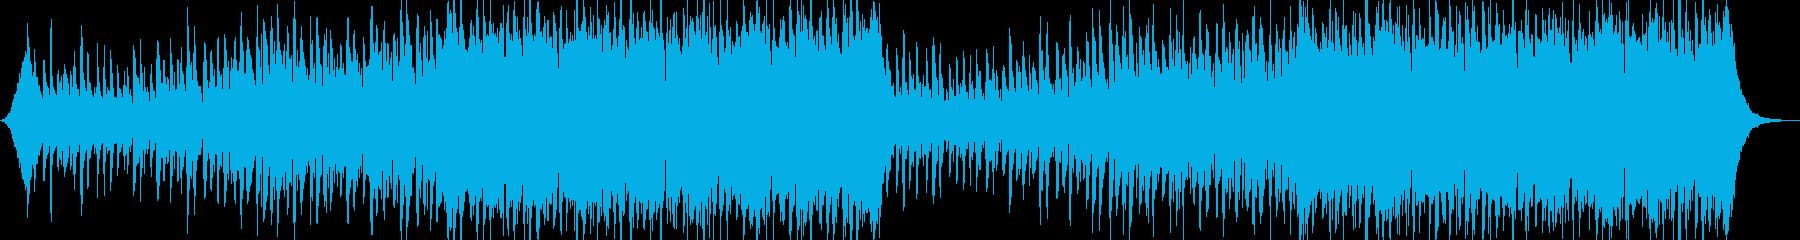 企業VPや映像33、壮大、オーケストラaの再生済みの波形